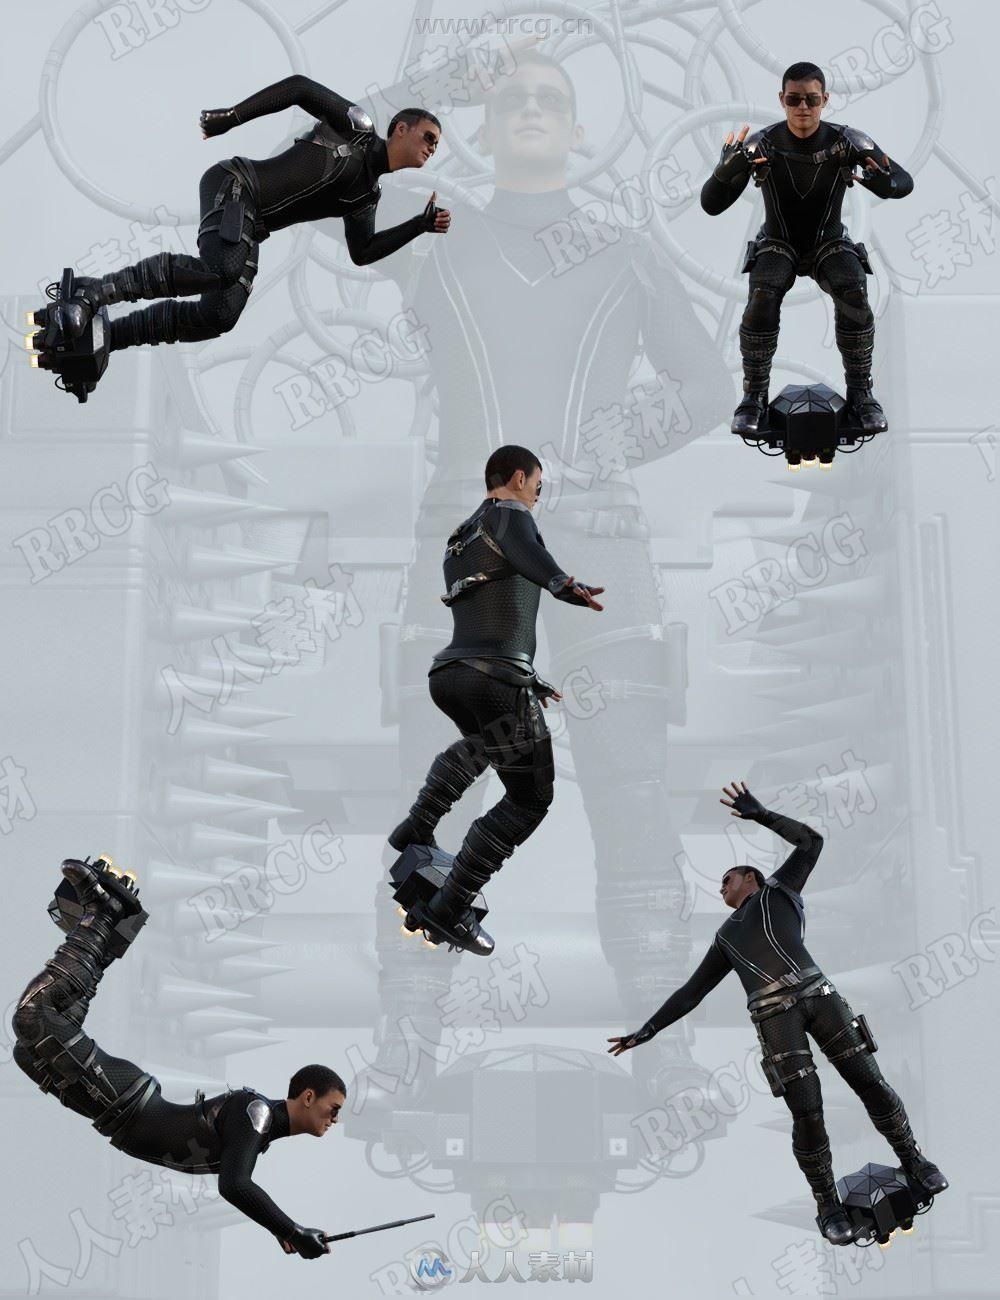 飞檐走壁男性角色动作姿势3D模型合集